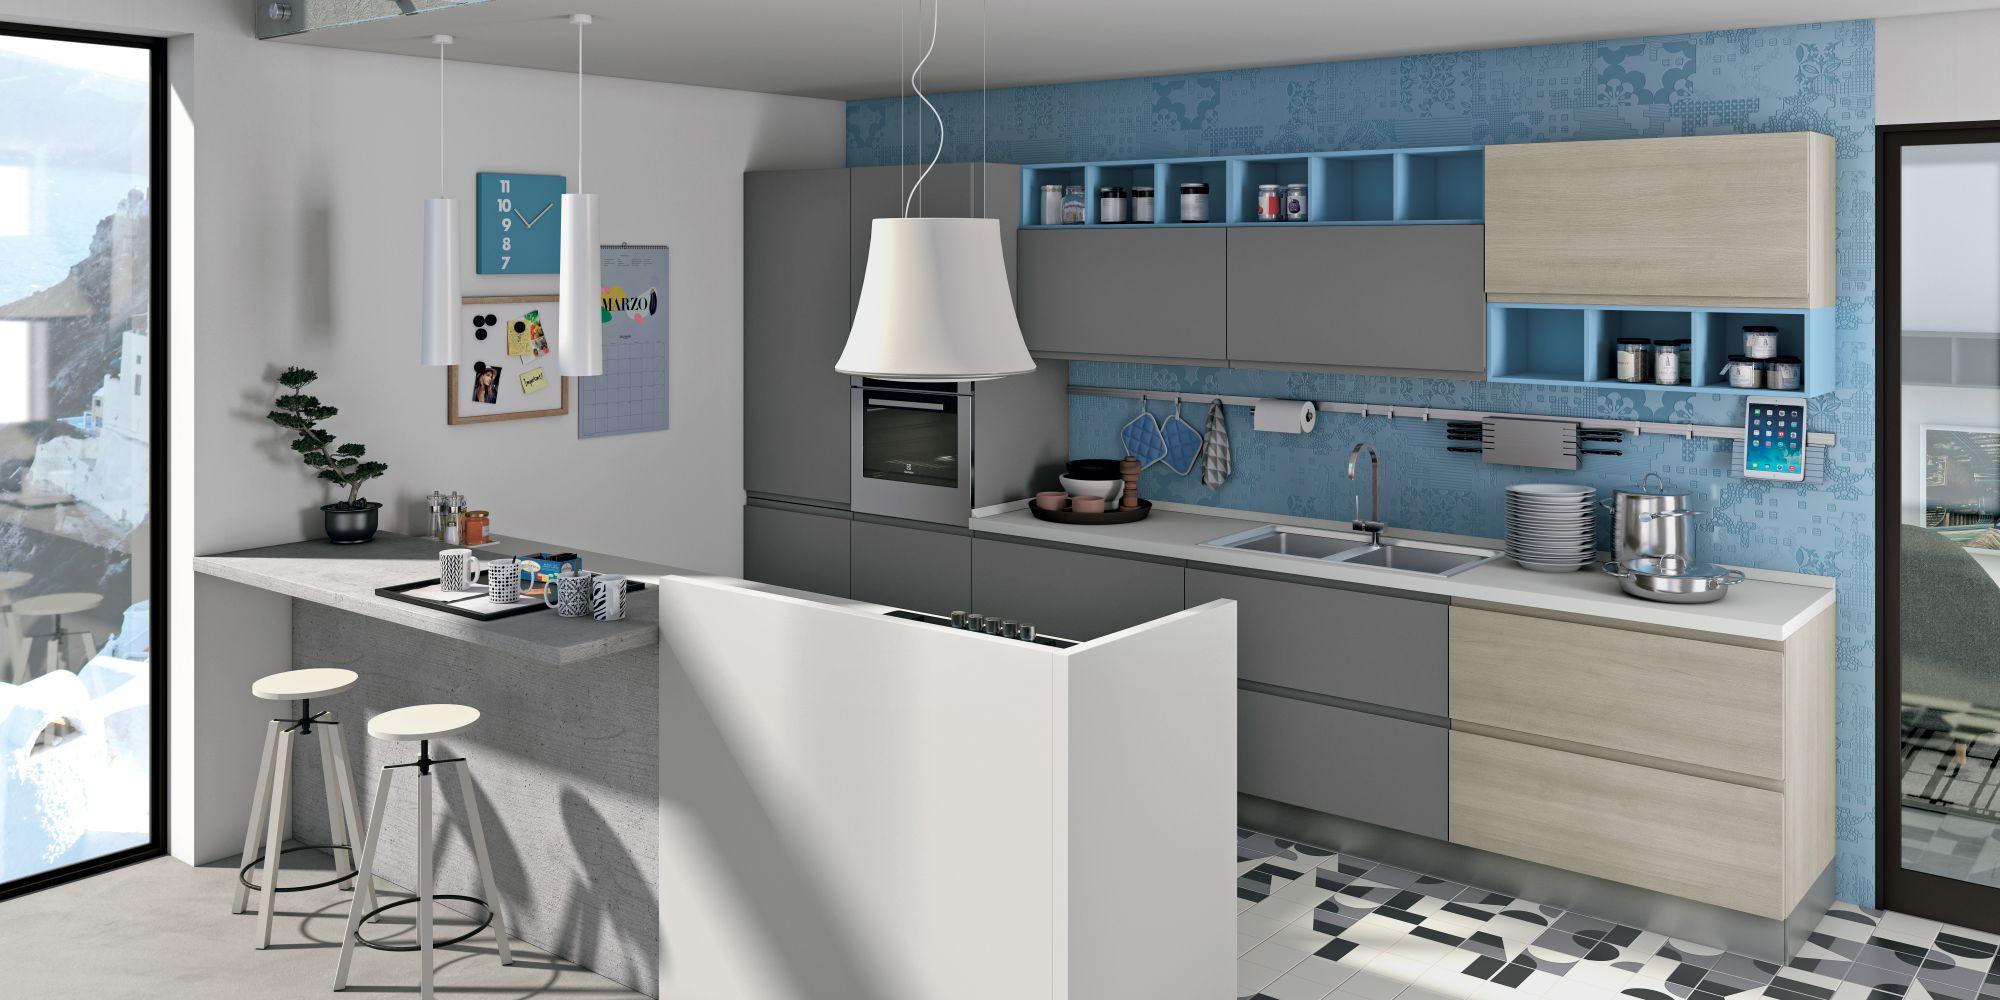 Cucine Mondo Convenienza Elettrodomestici cucine moderne mondo convenienza o mondo casa?